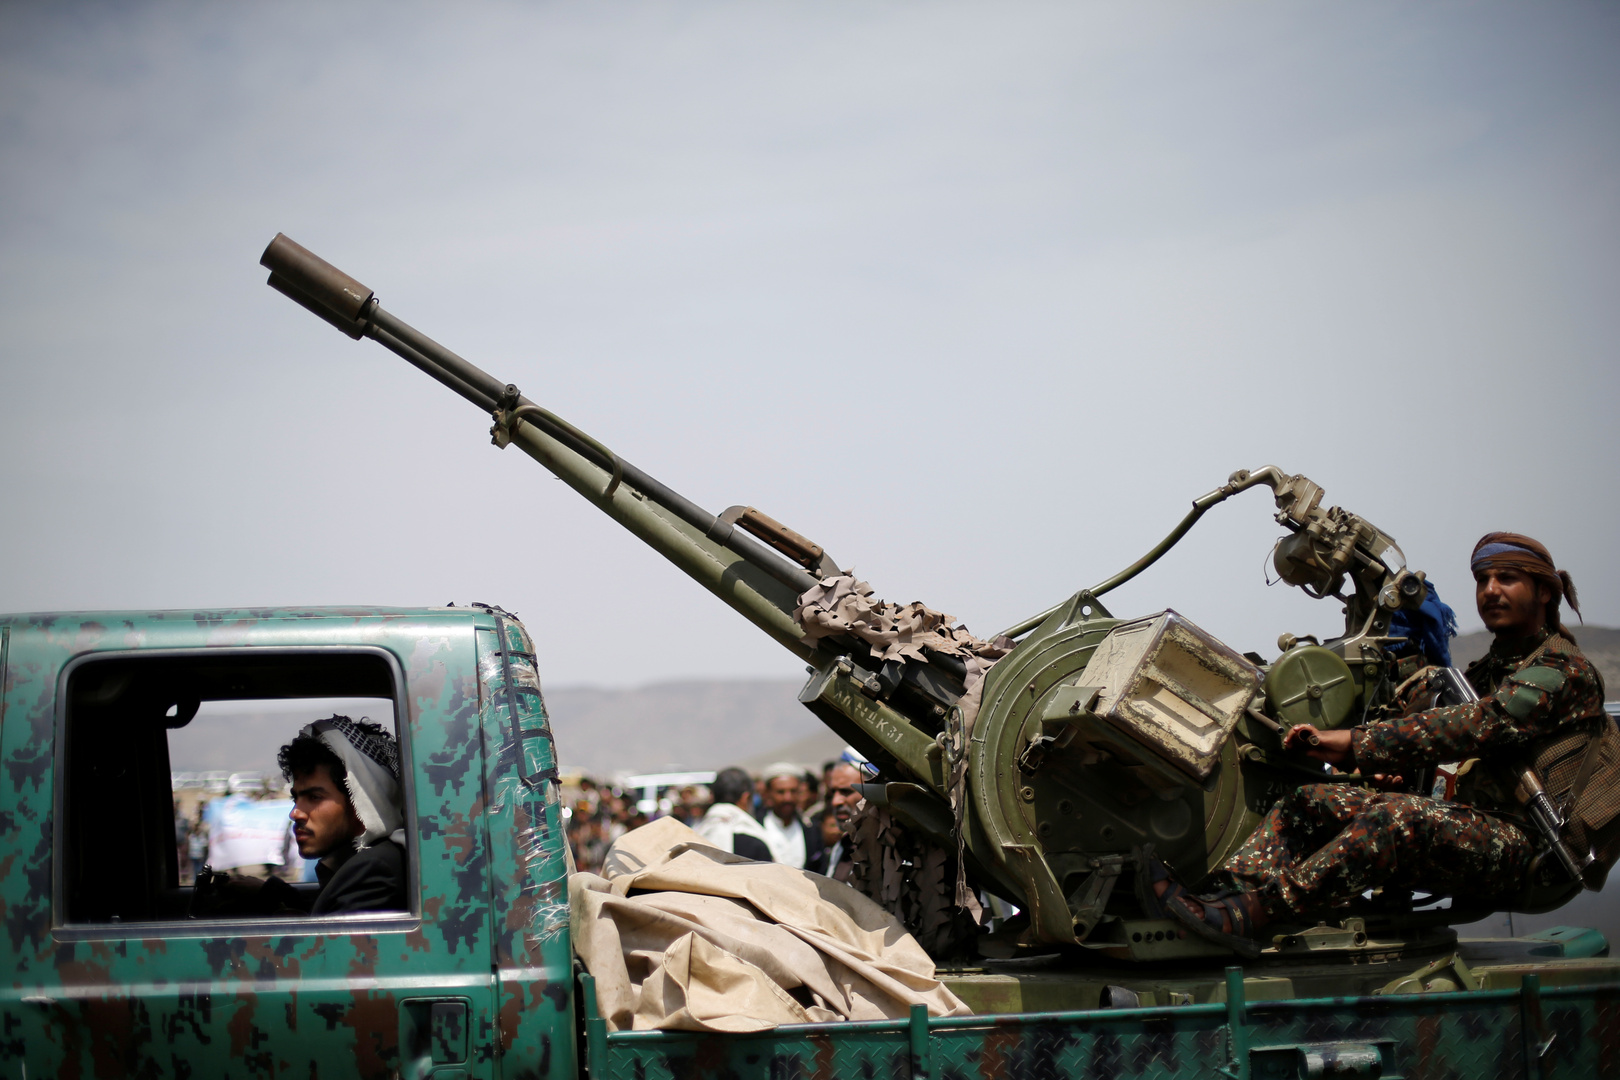 حكومة هادي والحوثيون يعلنون إحرازهم تقدما ميدانيا في البيضاء